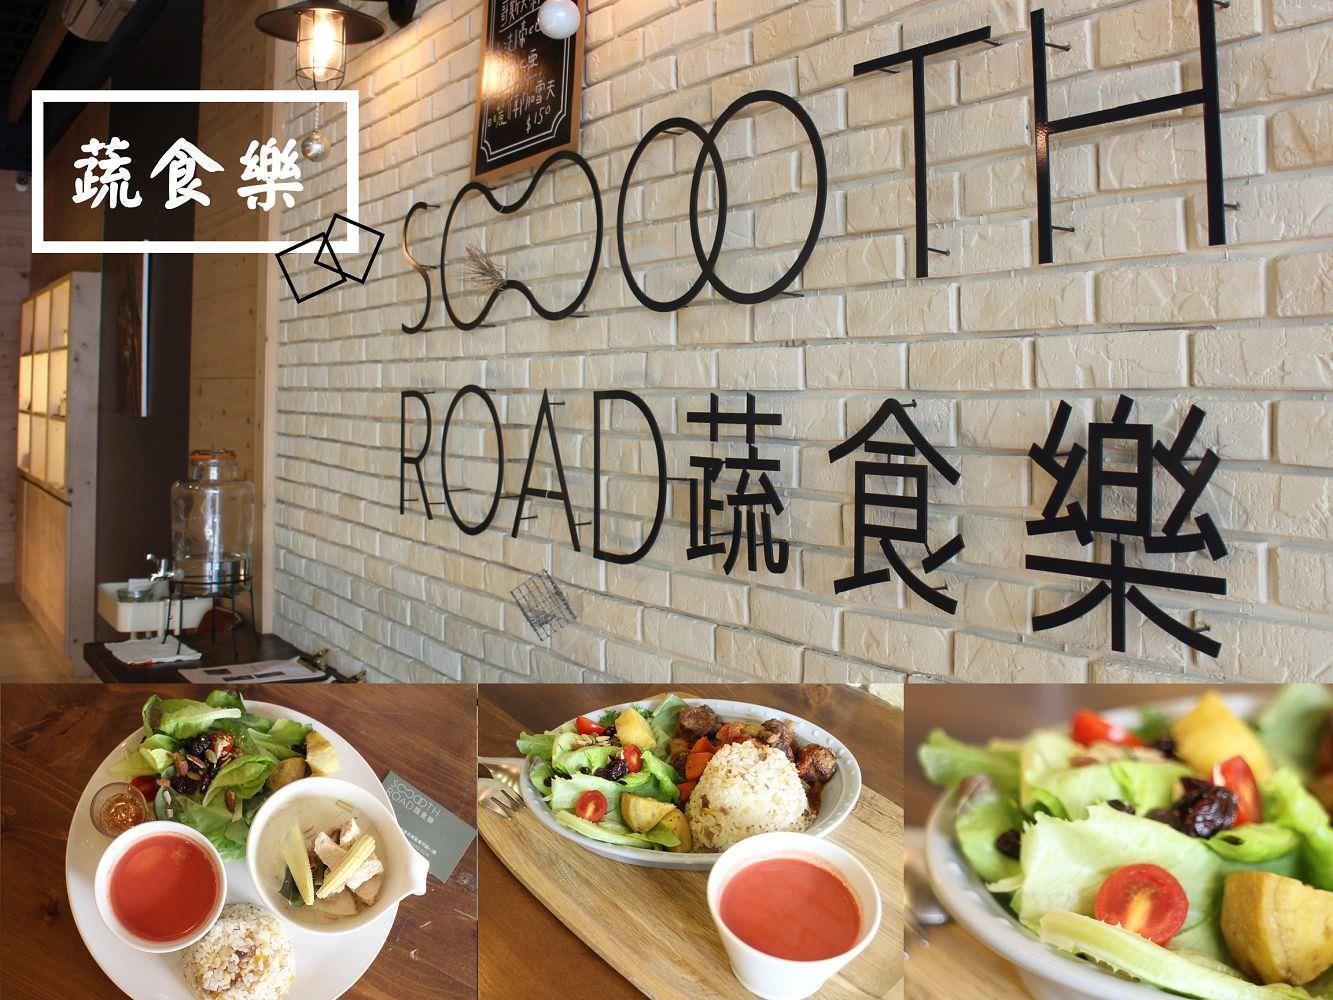 台南東區餐廳︱蔬食樂SoothRoad:吃出蔬菜的芬芳,品嘗天然好味道,銀髮族聚會好地點